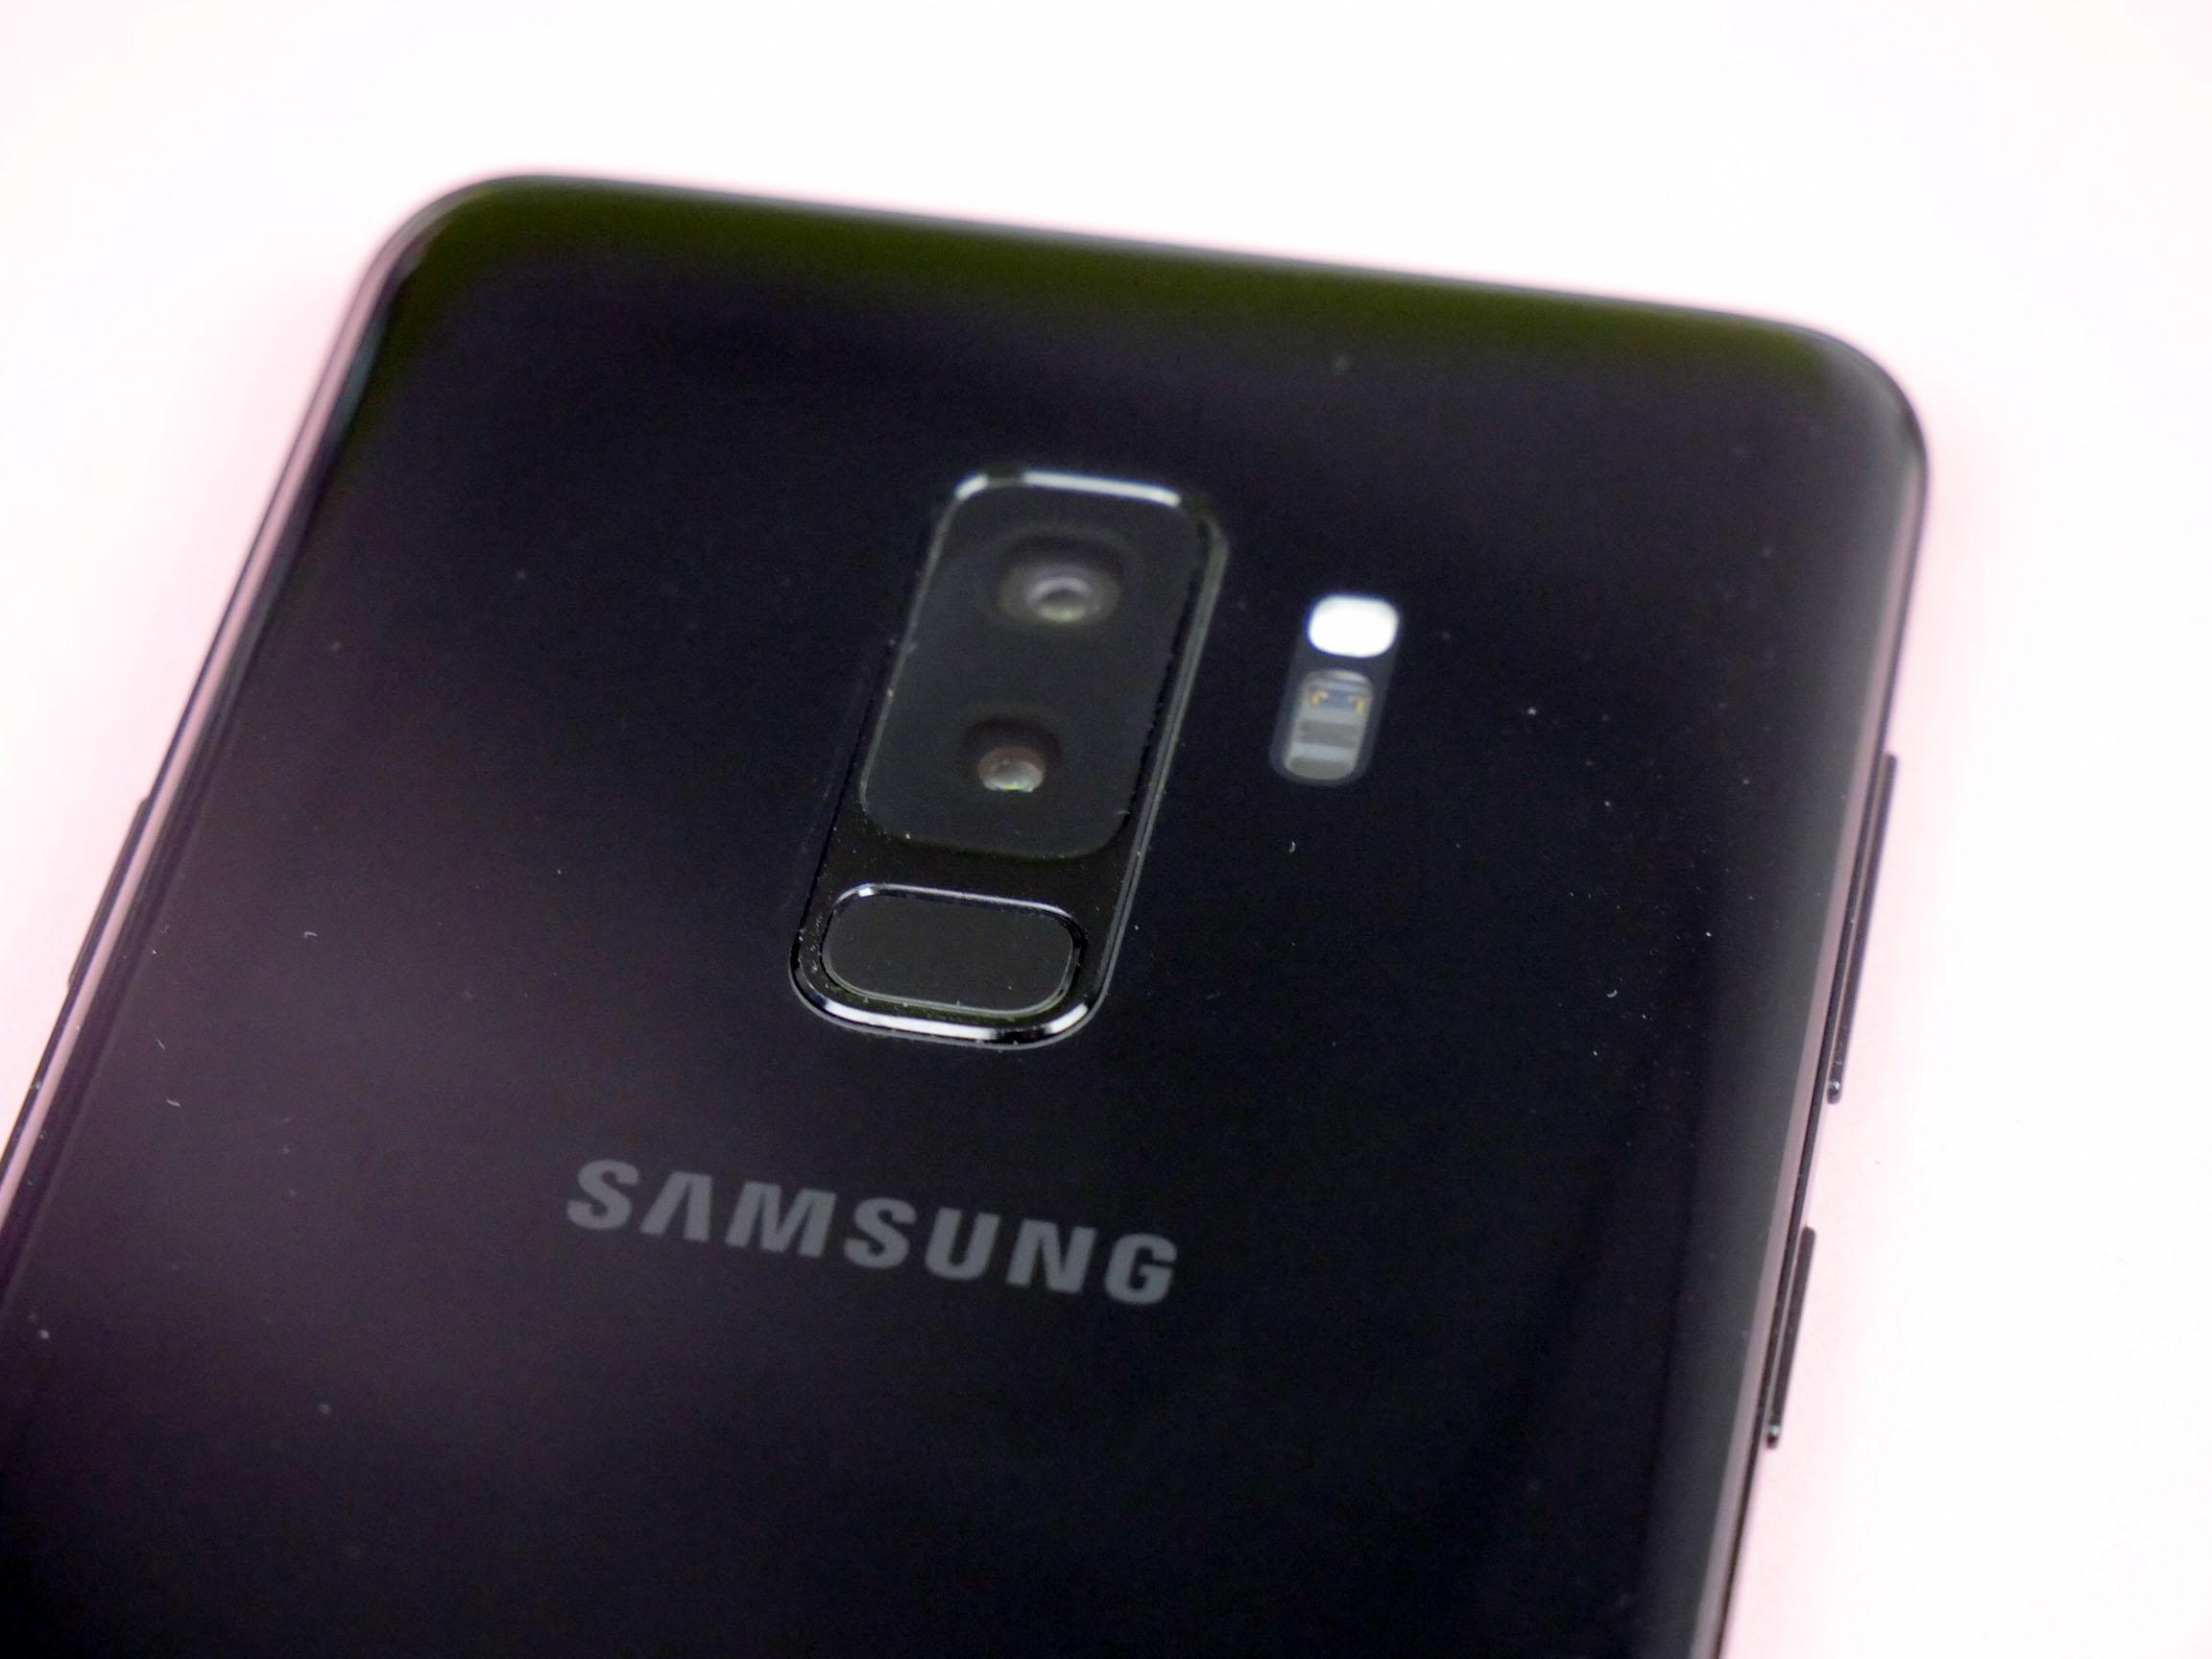 Les smartphones Samsung plantent plus que ceux d'autres marques d'après une étude